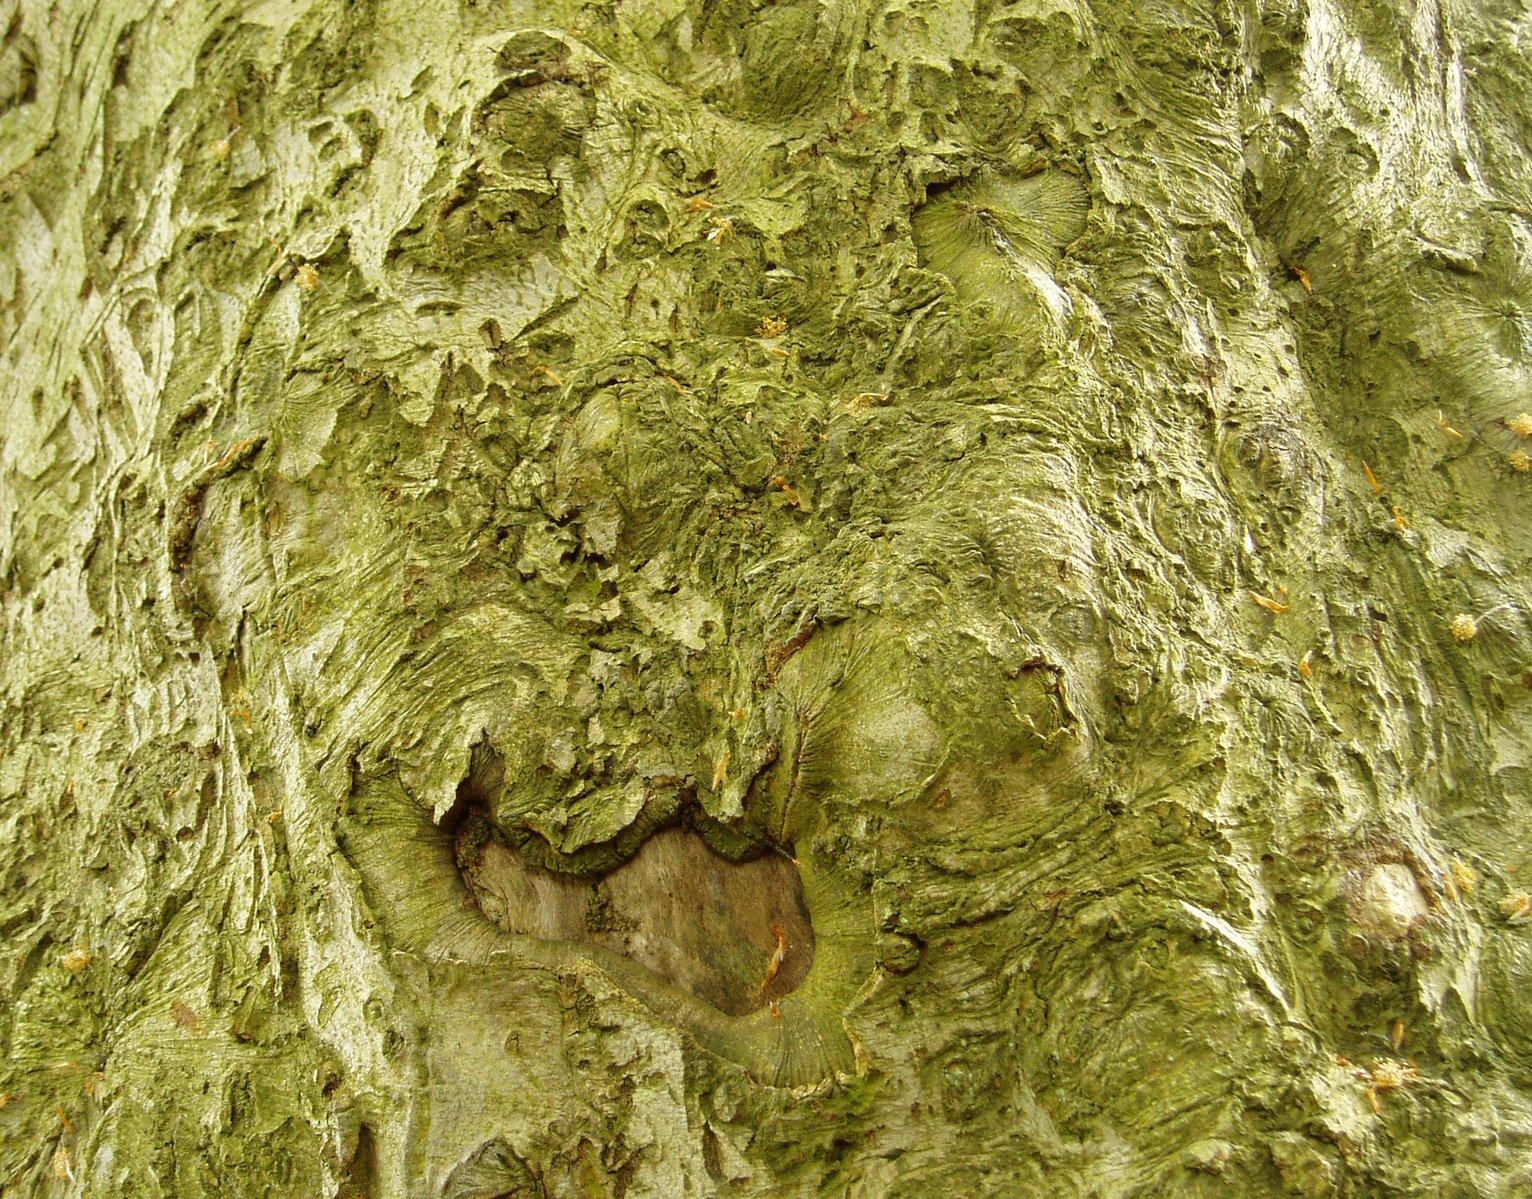 Free Anatomía del árbol 3 Stock Photo - FreeImages.com